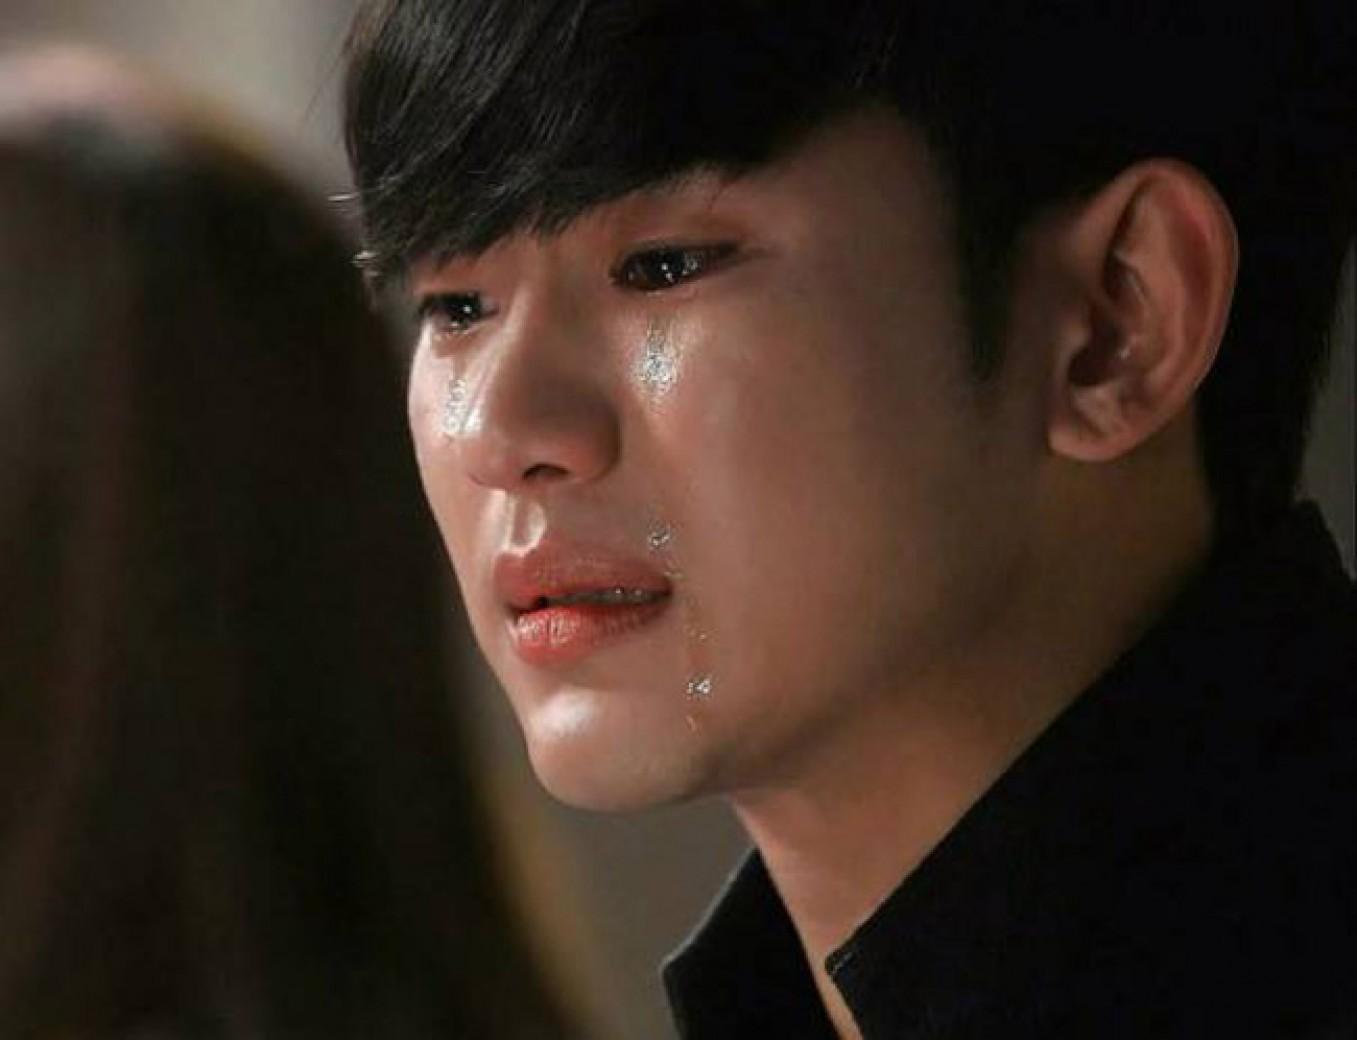 Quyết định buông tay khi thấy chồng rơi nước mắt vì cô gái khác - Ảnh 1